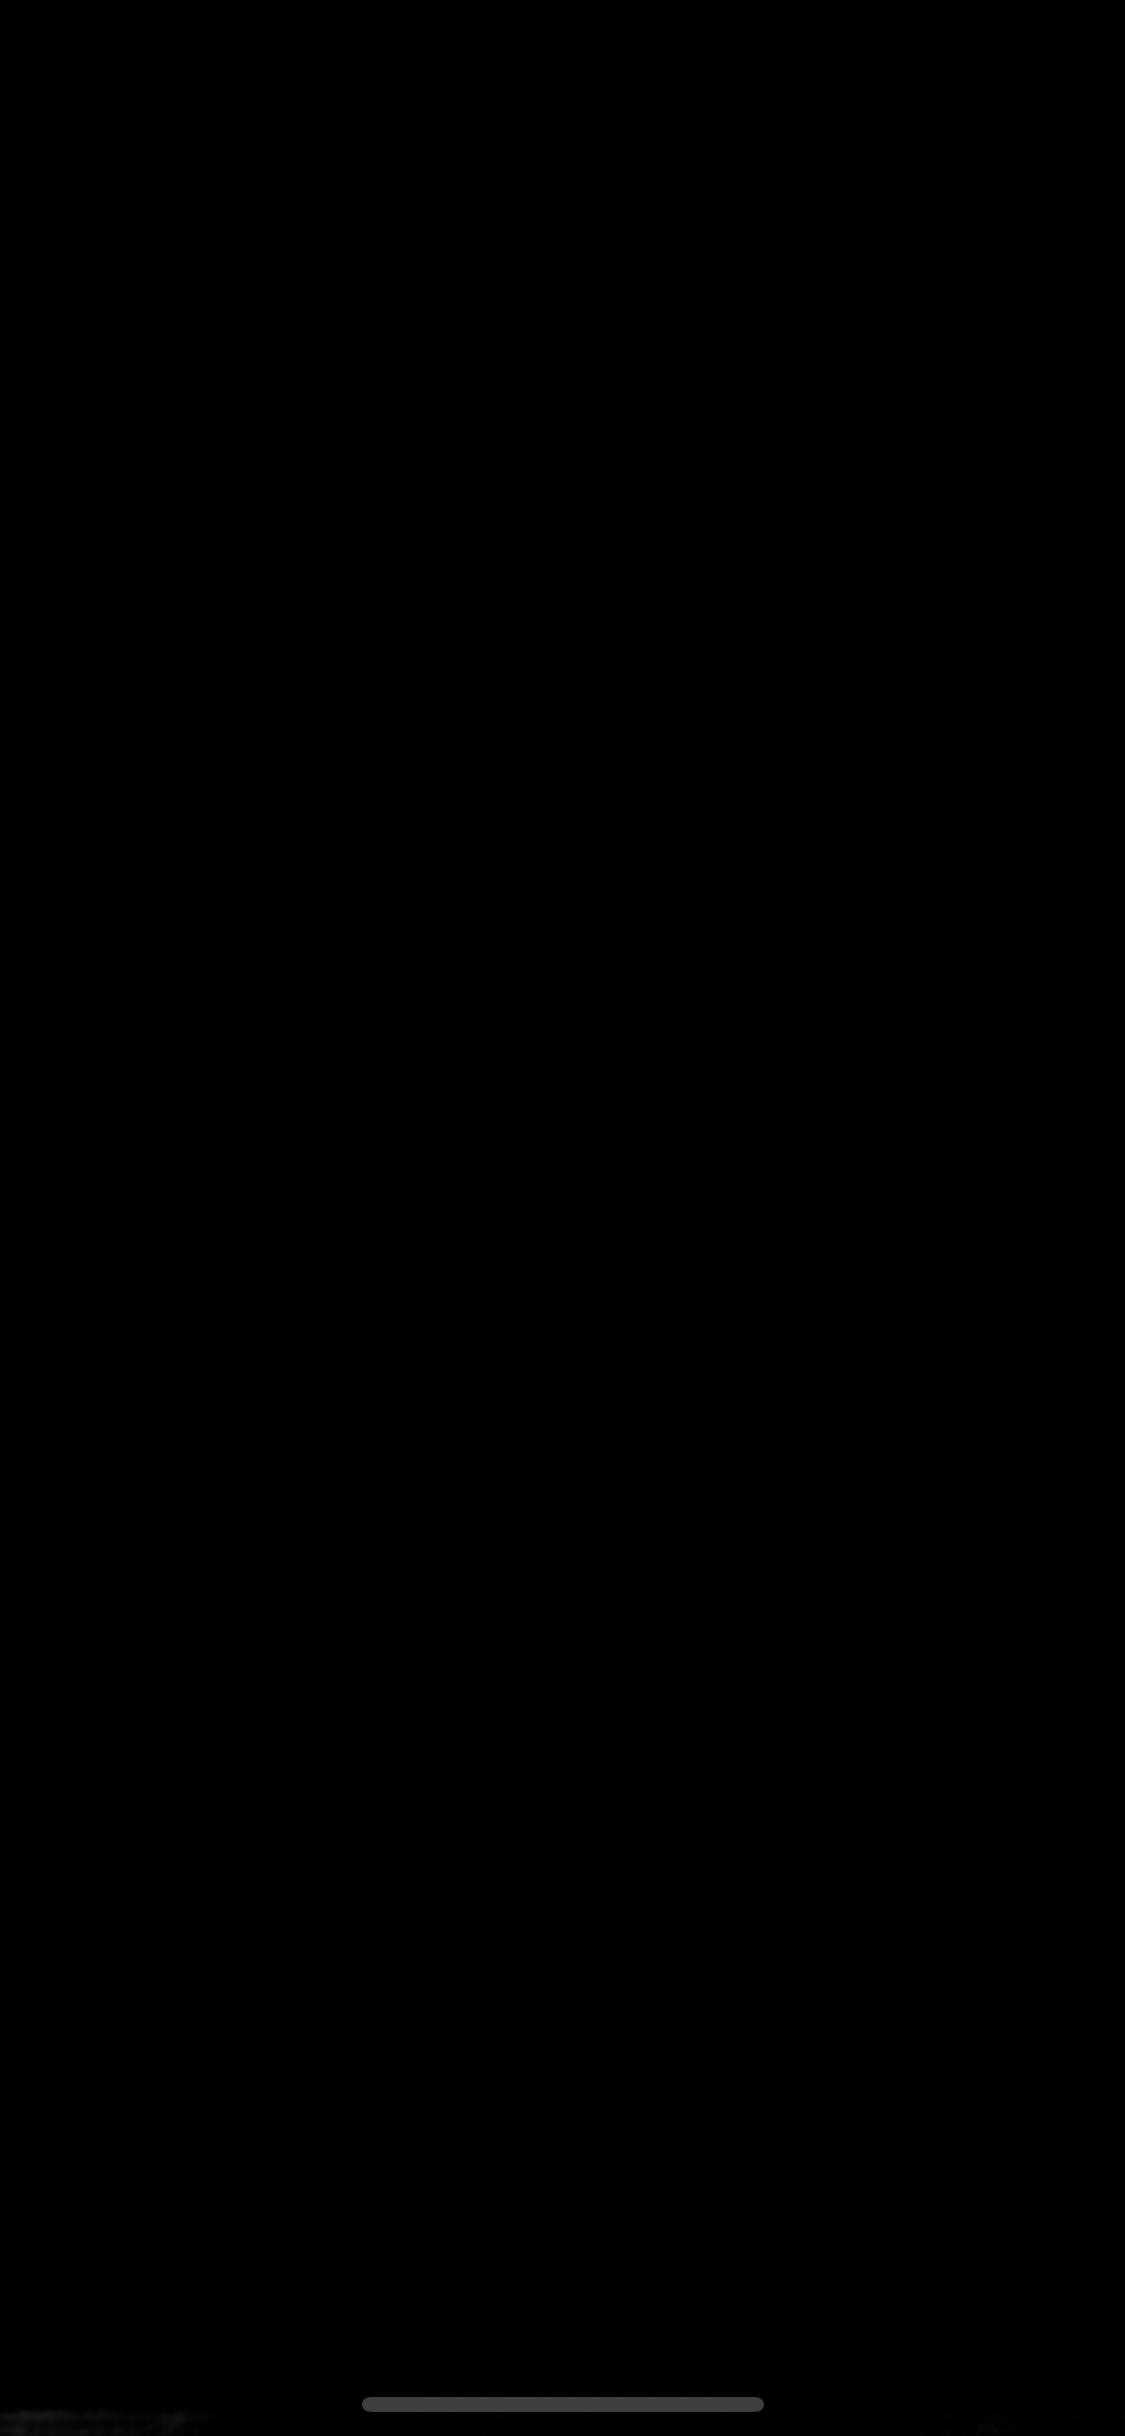 3D2EE18E-0E92-4C4F-BEAA-E519CC398AC7